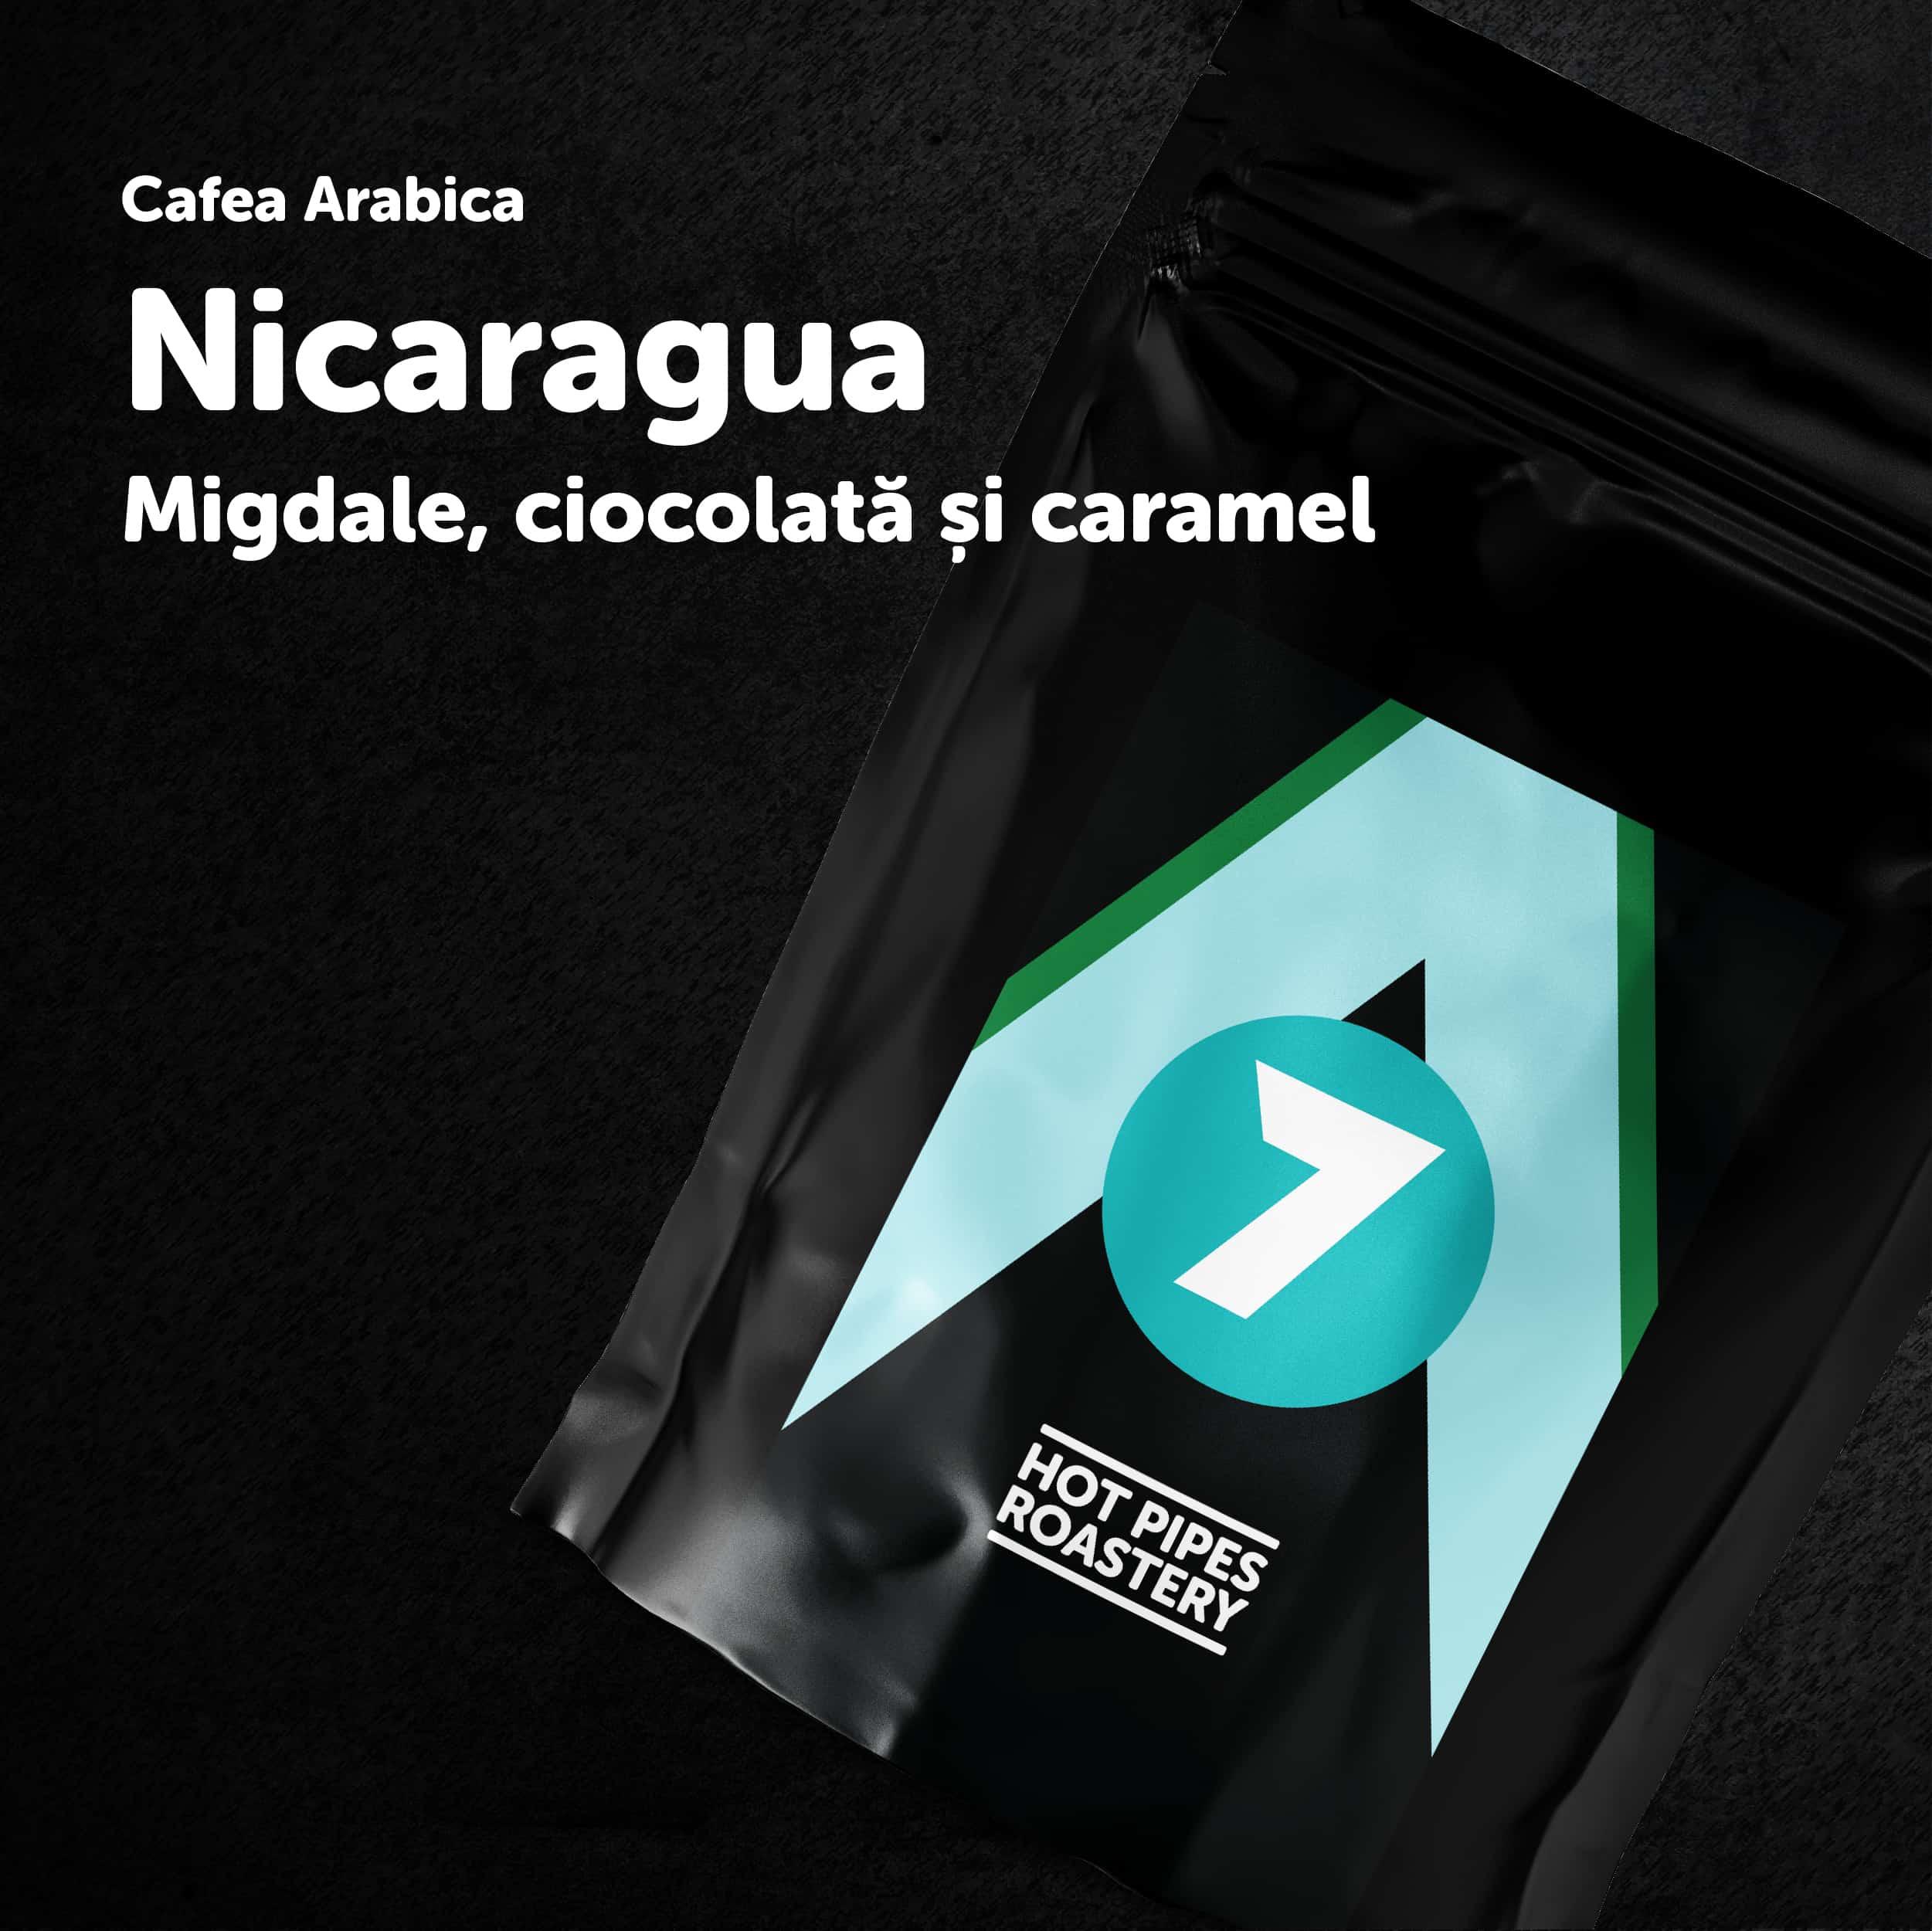 Nicaragua 1200x1200 02